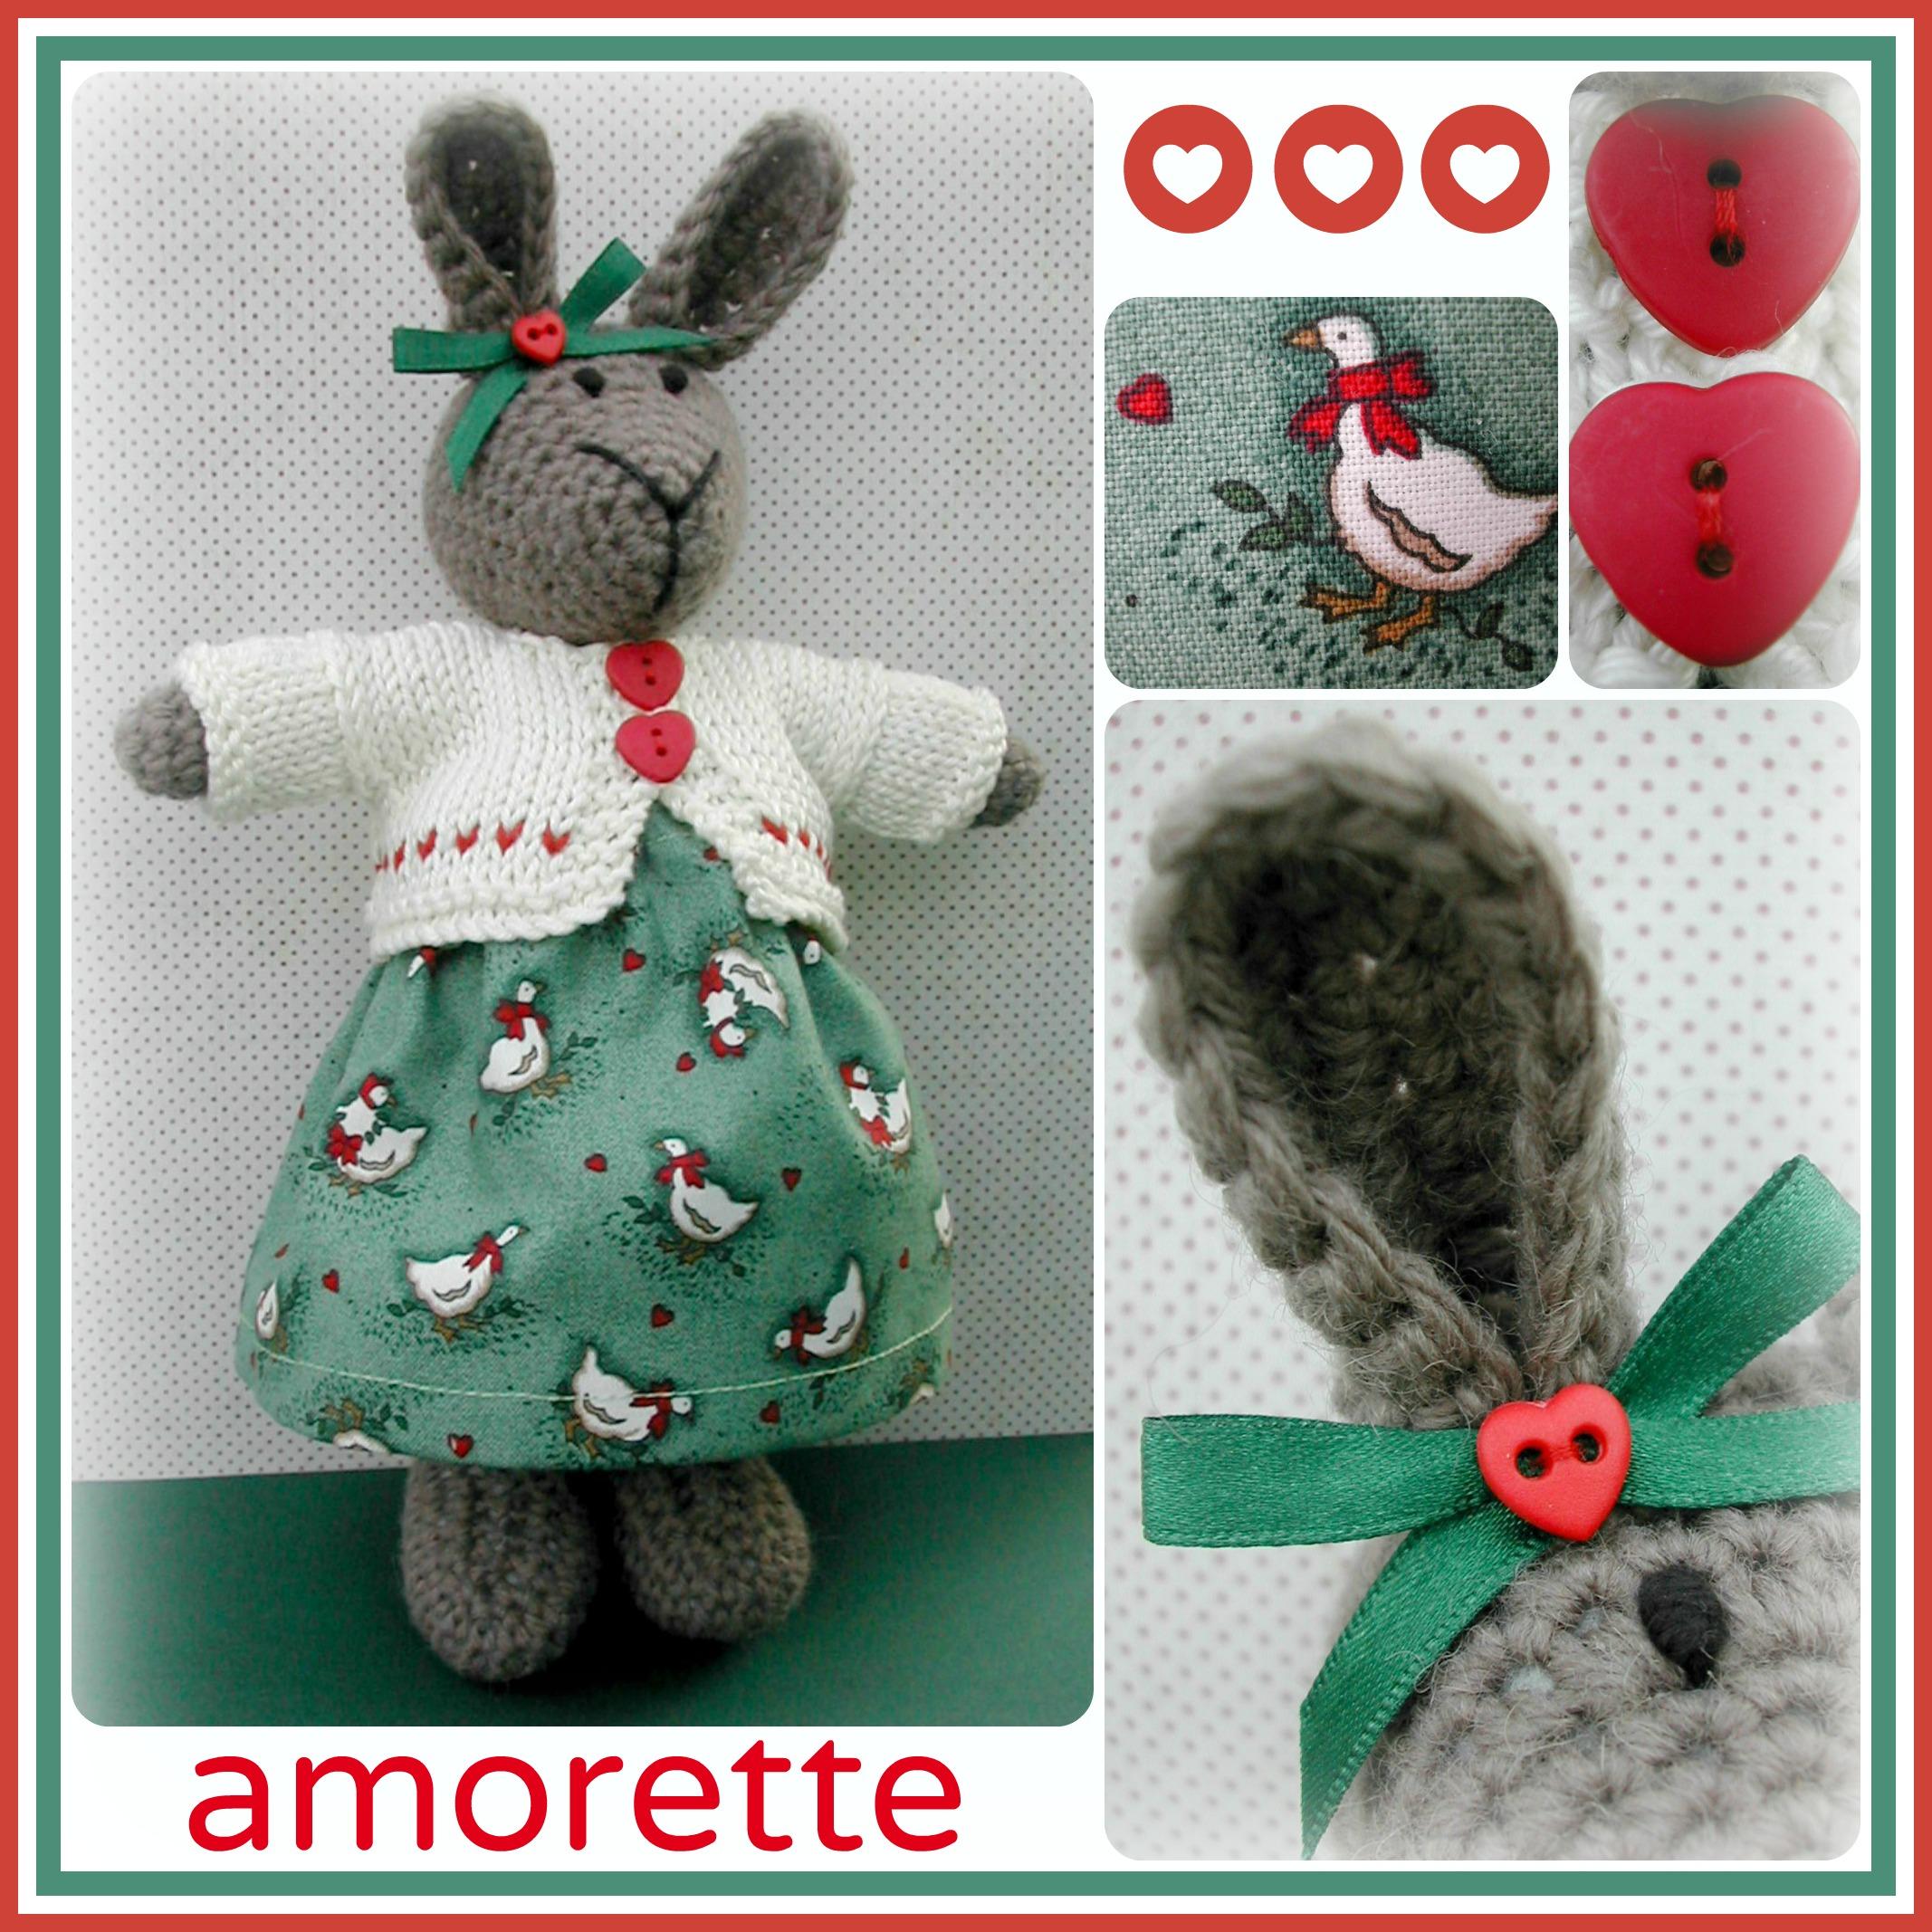 Amorette Collage